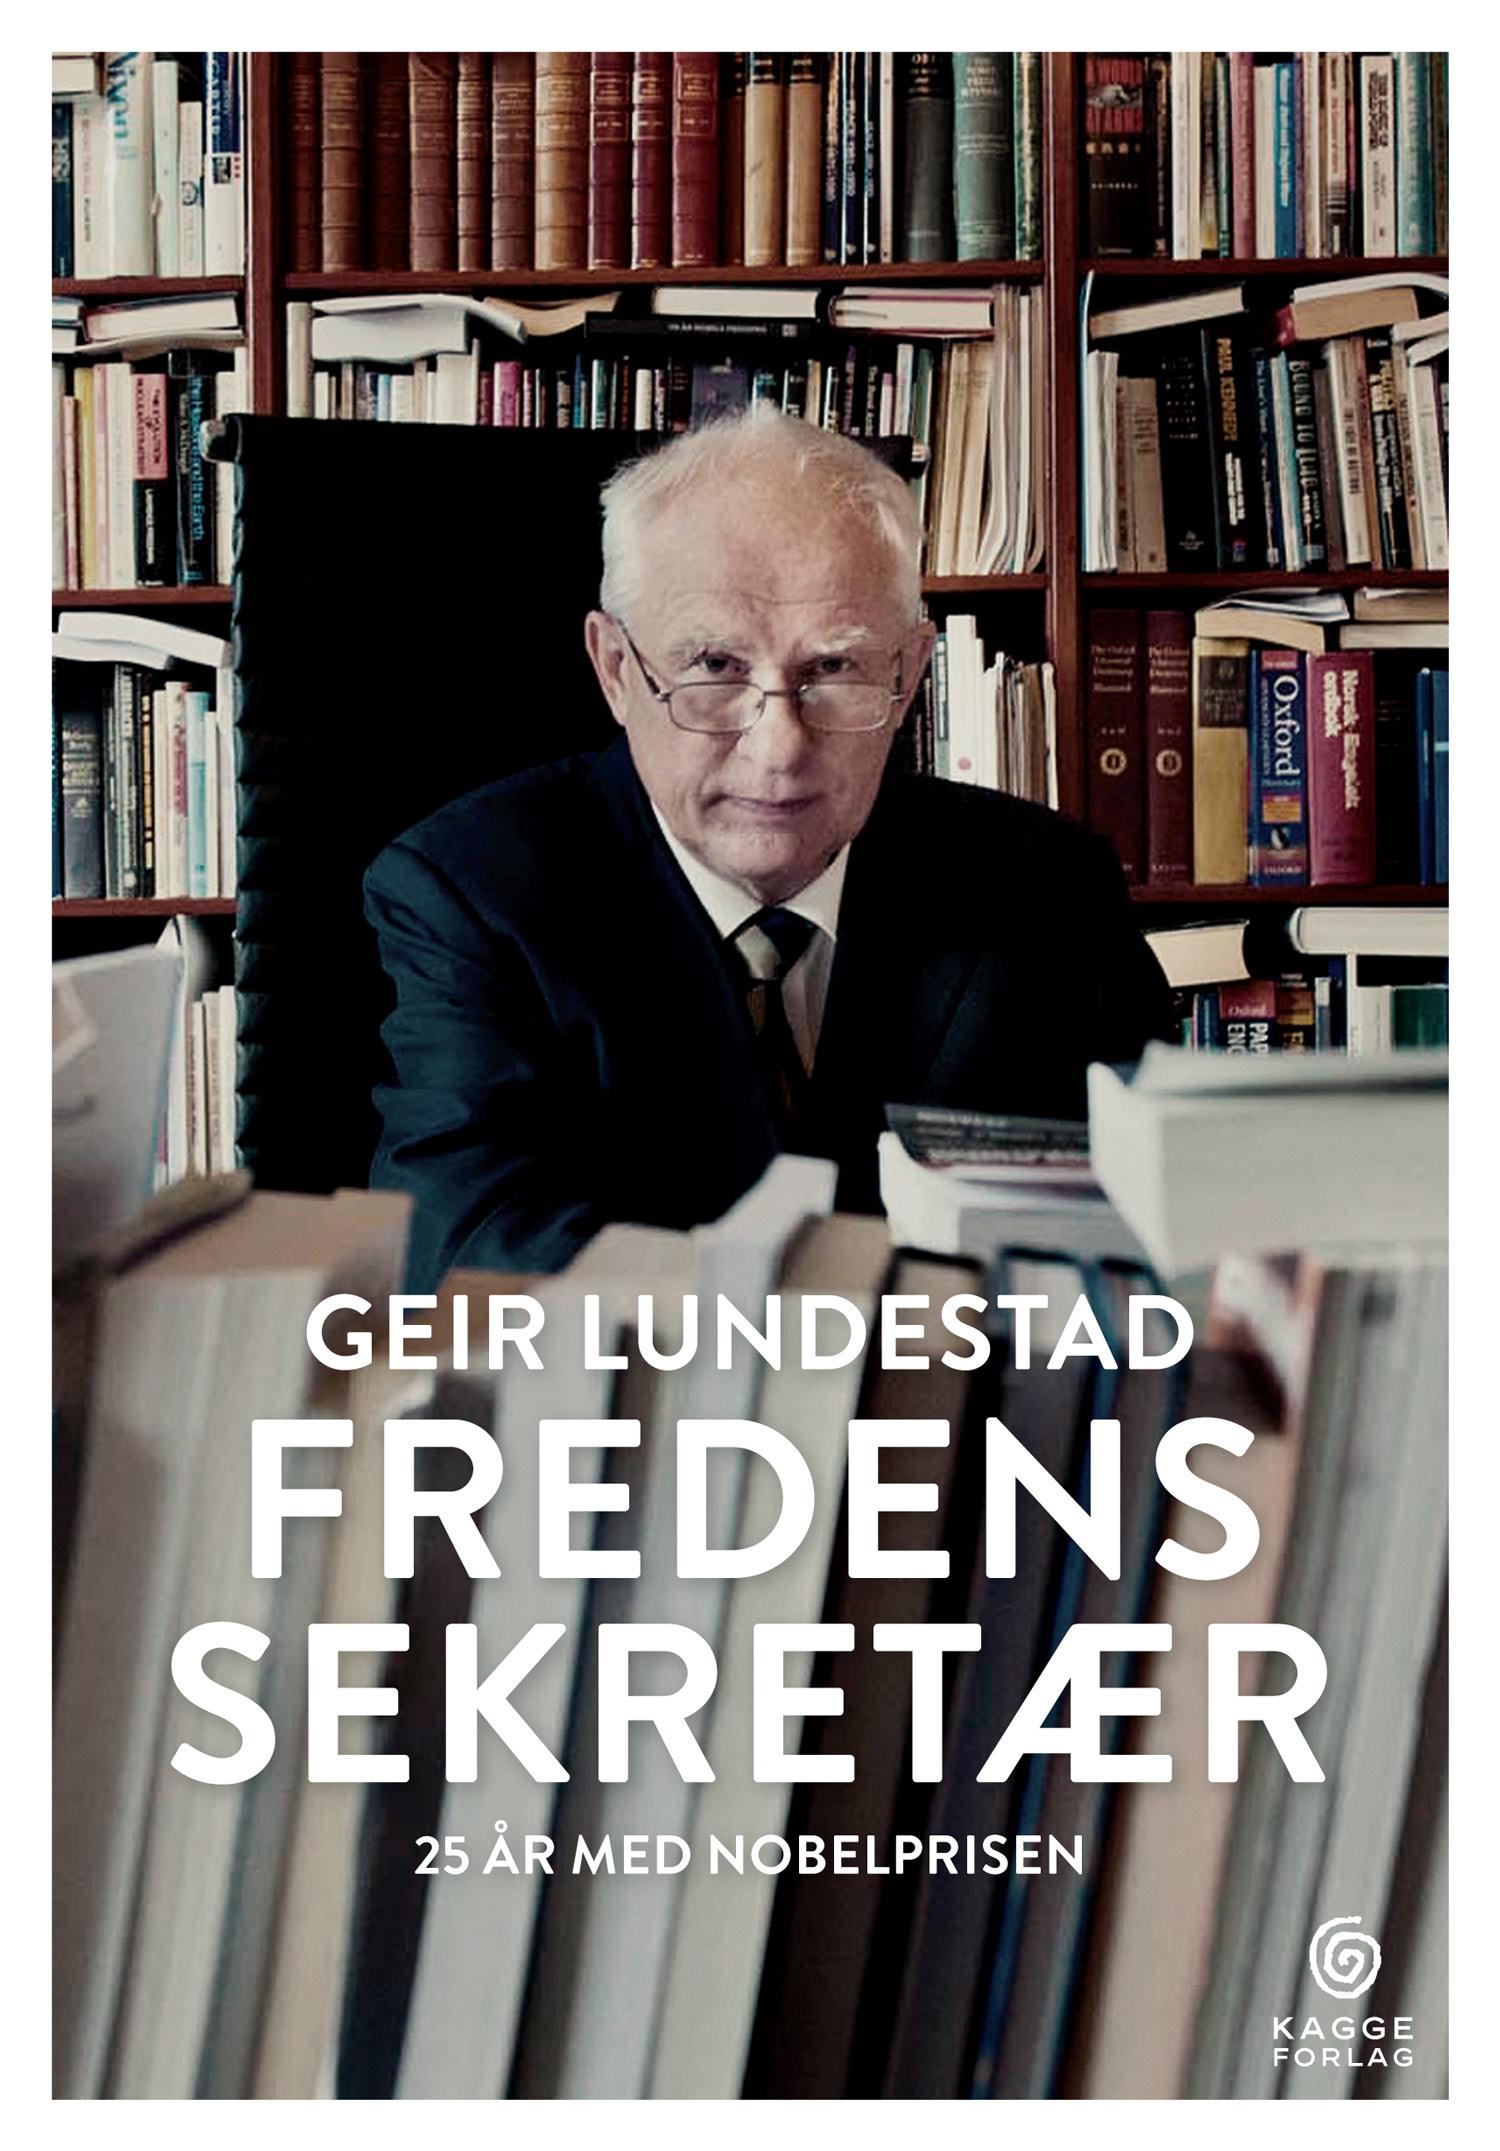 """Geir Lundestads bok """"Fredens sekretær"""" ble utgitt i september i år på Kagge Forlag ."""